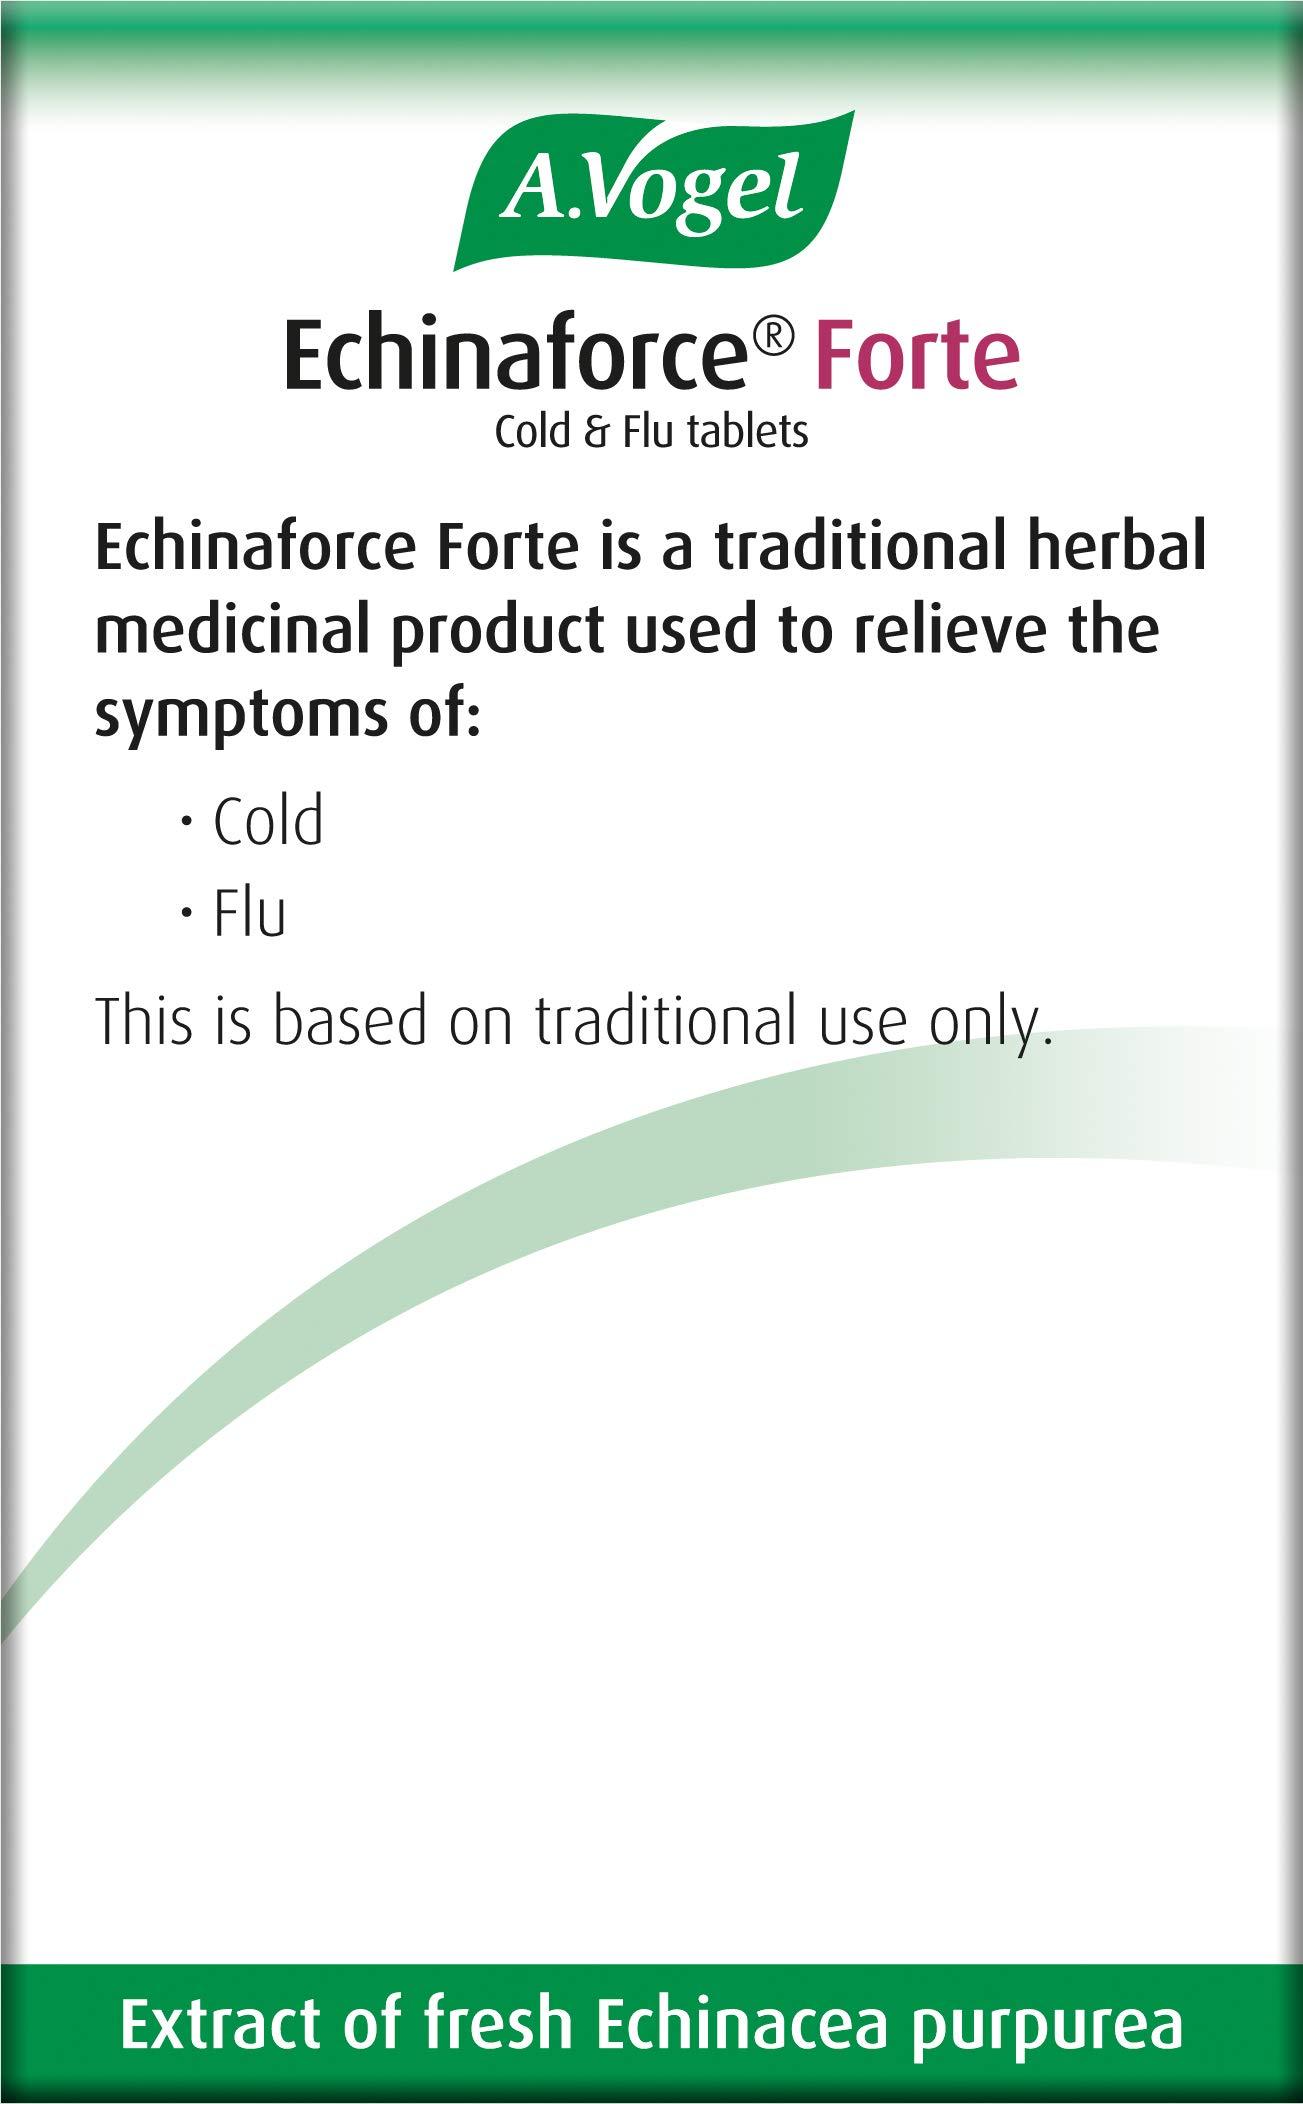 A.Vogel Echinaforce Forte Cold & Flu Tablets (40)